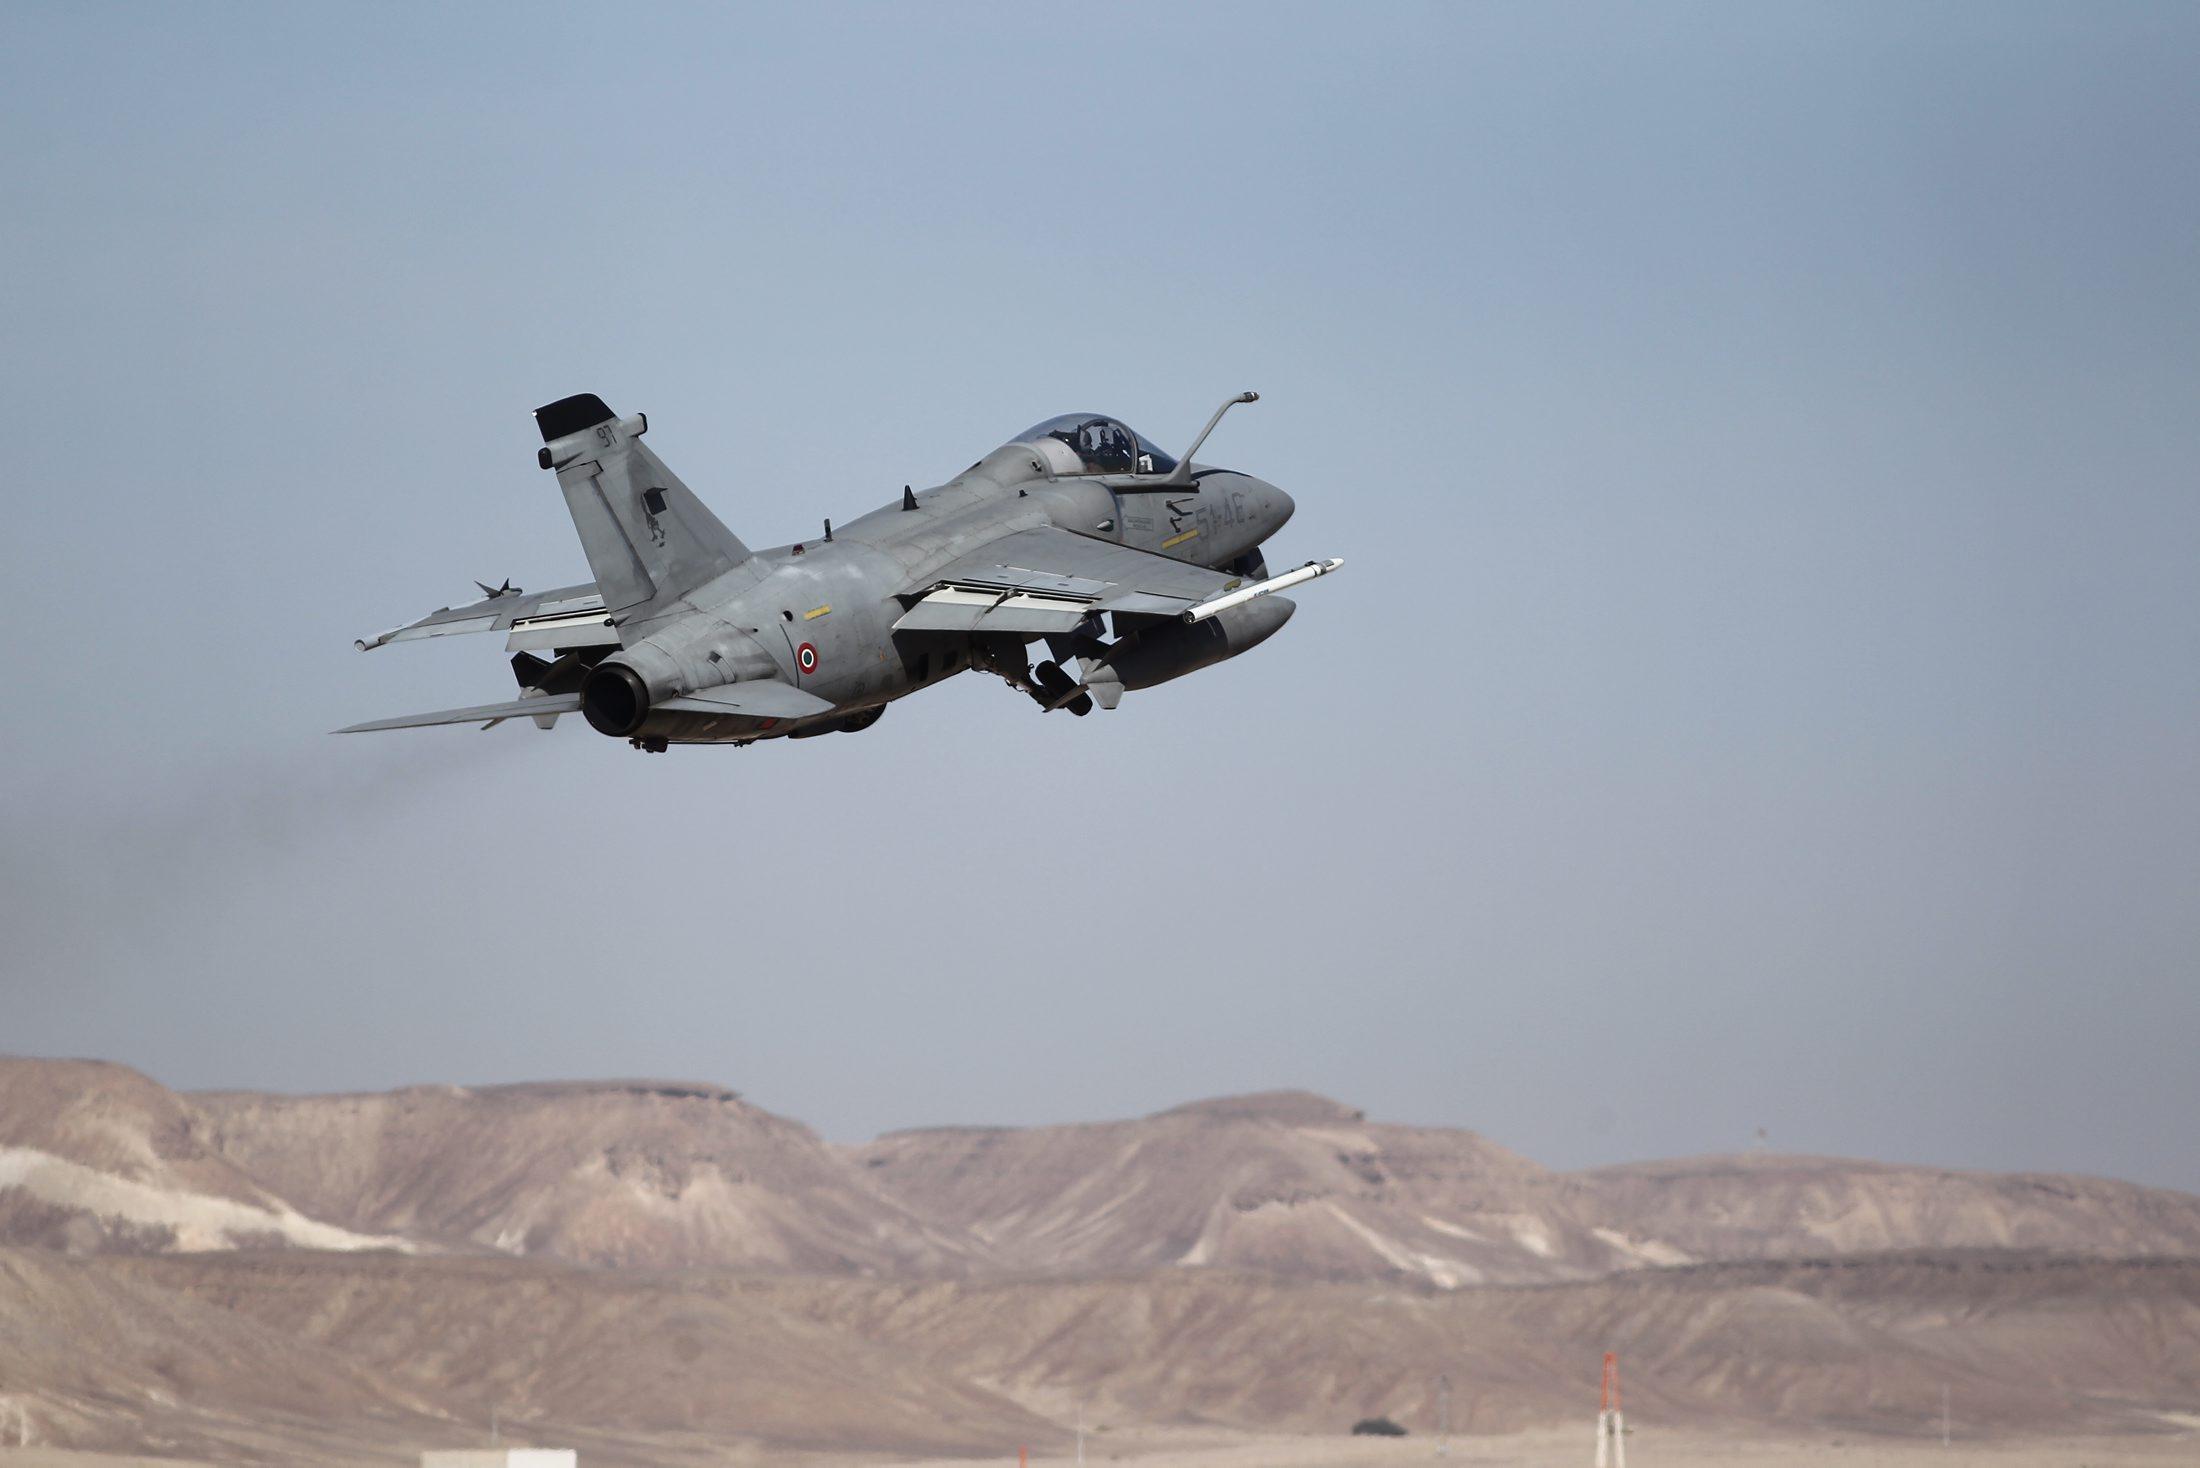 سلاح الجو الإسرائيلي يهدد بتقليص طلعات التدريب